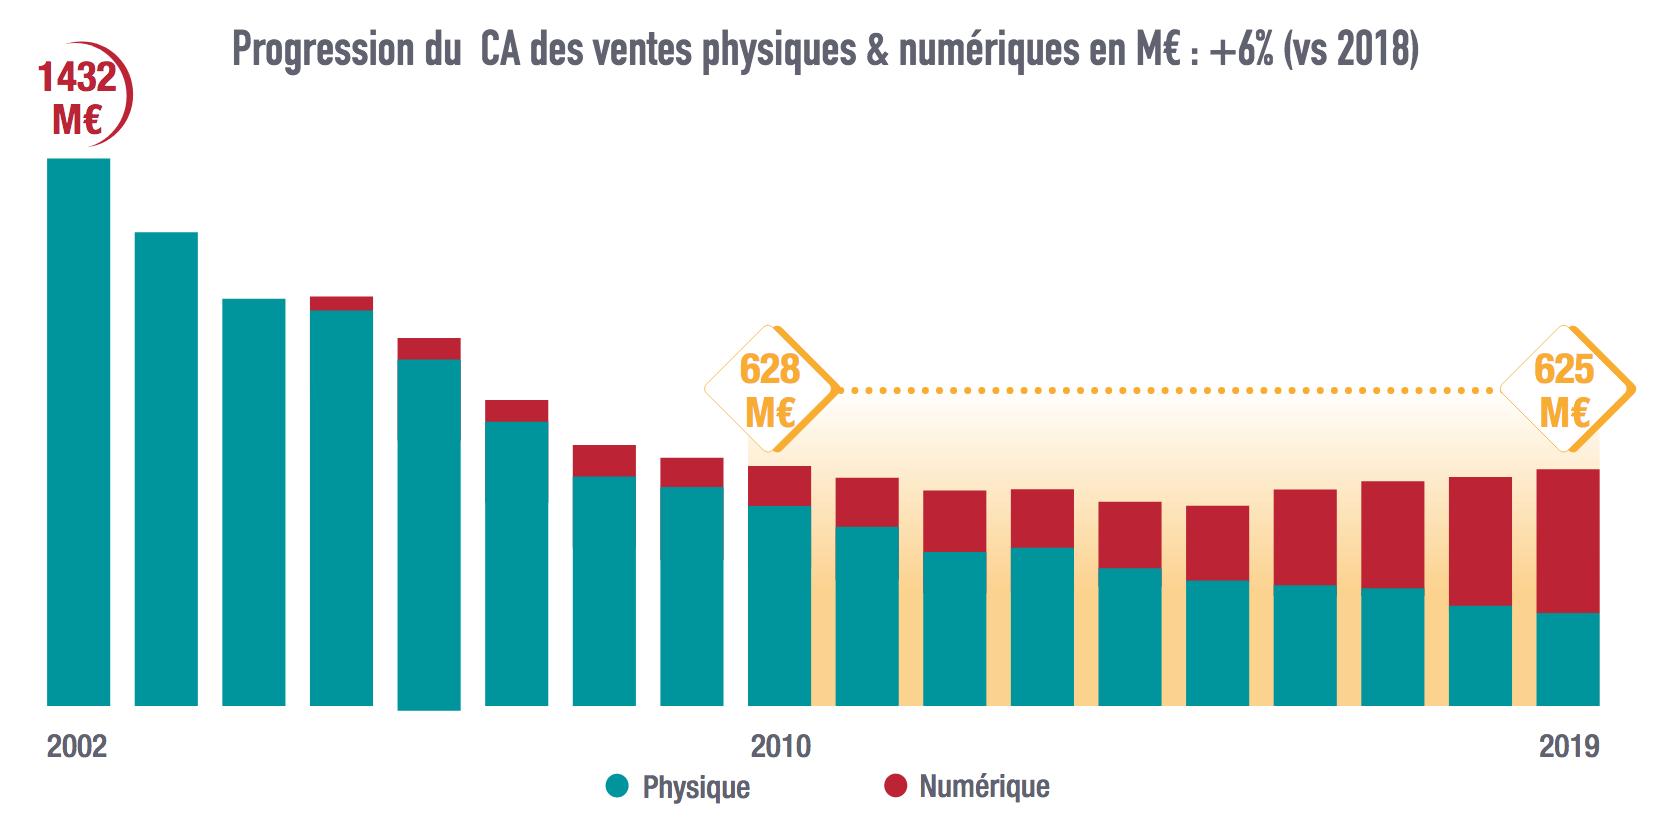 Avec 625 M€ pour les ventes physiques et numériques, le marché rattrape tout juste celui d'il y a 10 ans et ne représente encore que 44% de celui de 2002